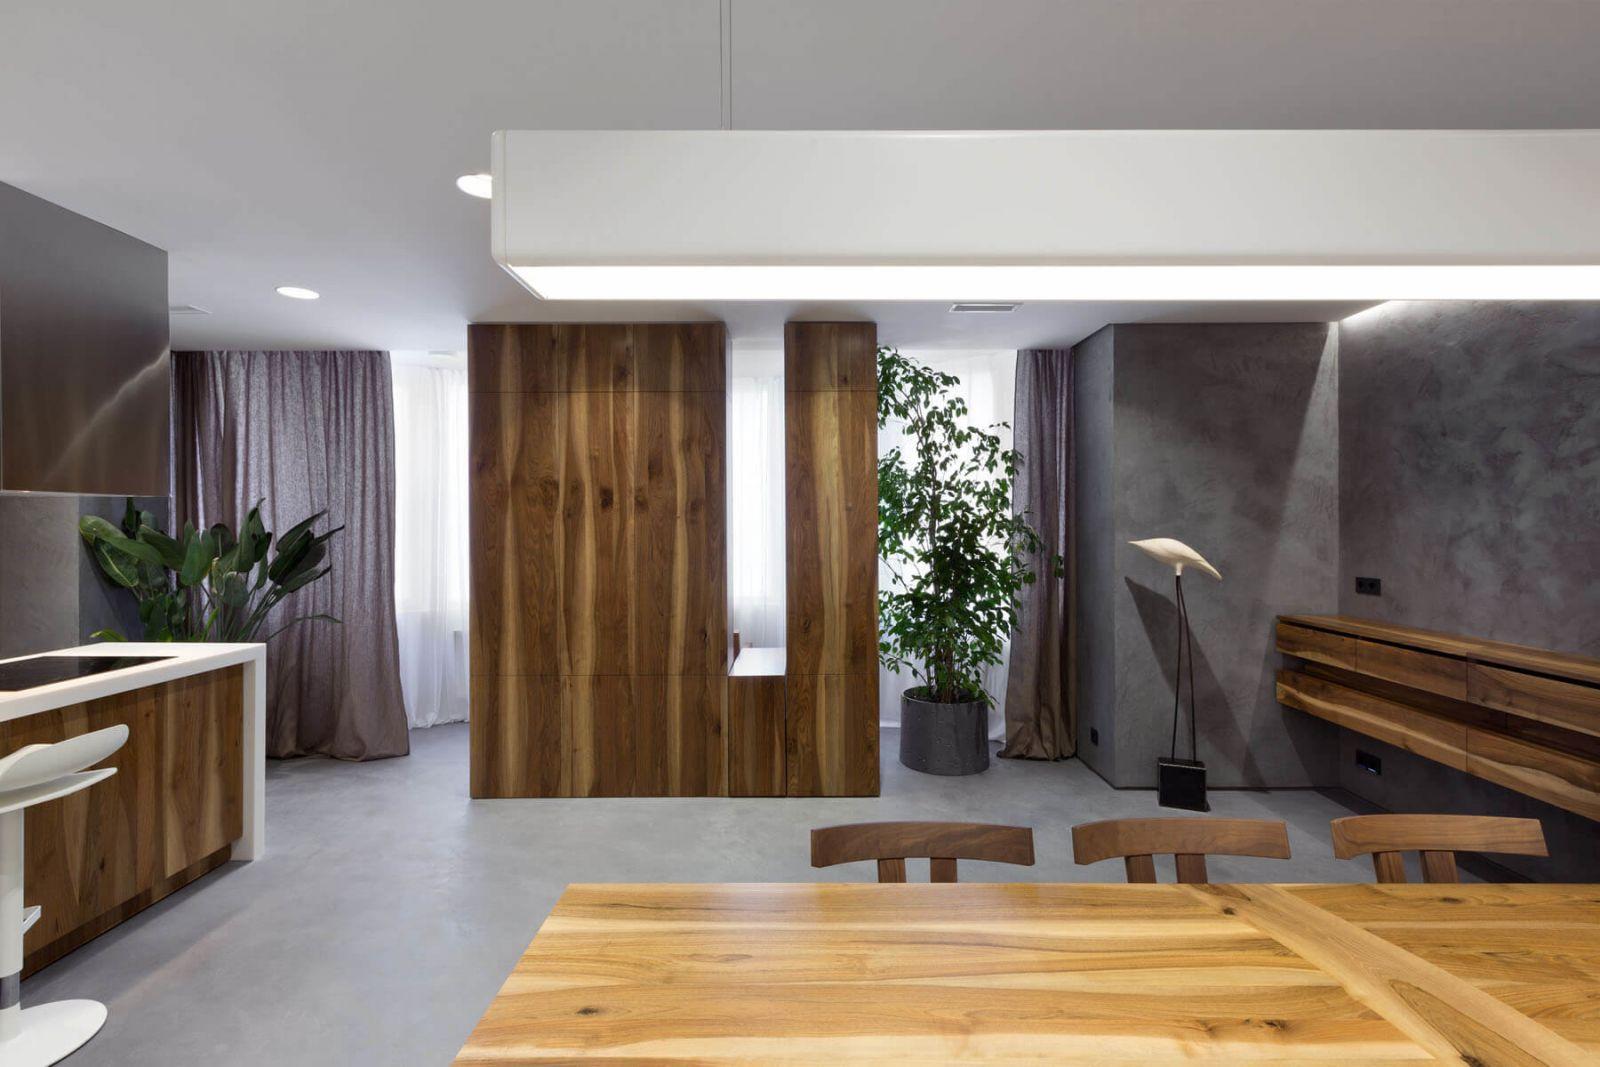 Массив дерева теплых природных оттенков, присутствующий в отделке всех помещений квартиры контрастирует с холодным серым полом и стенами, создавая атмосферу домашнего уюта